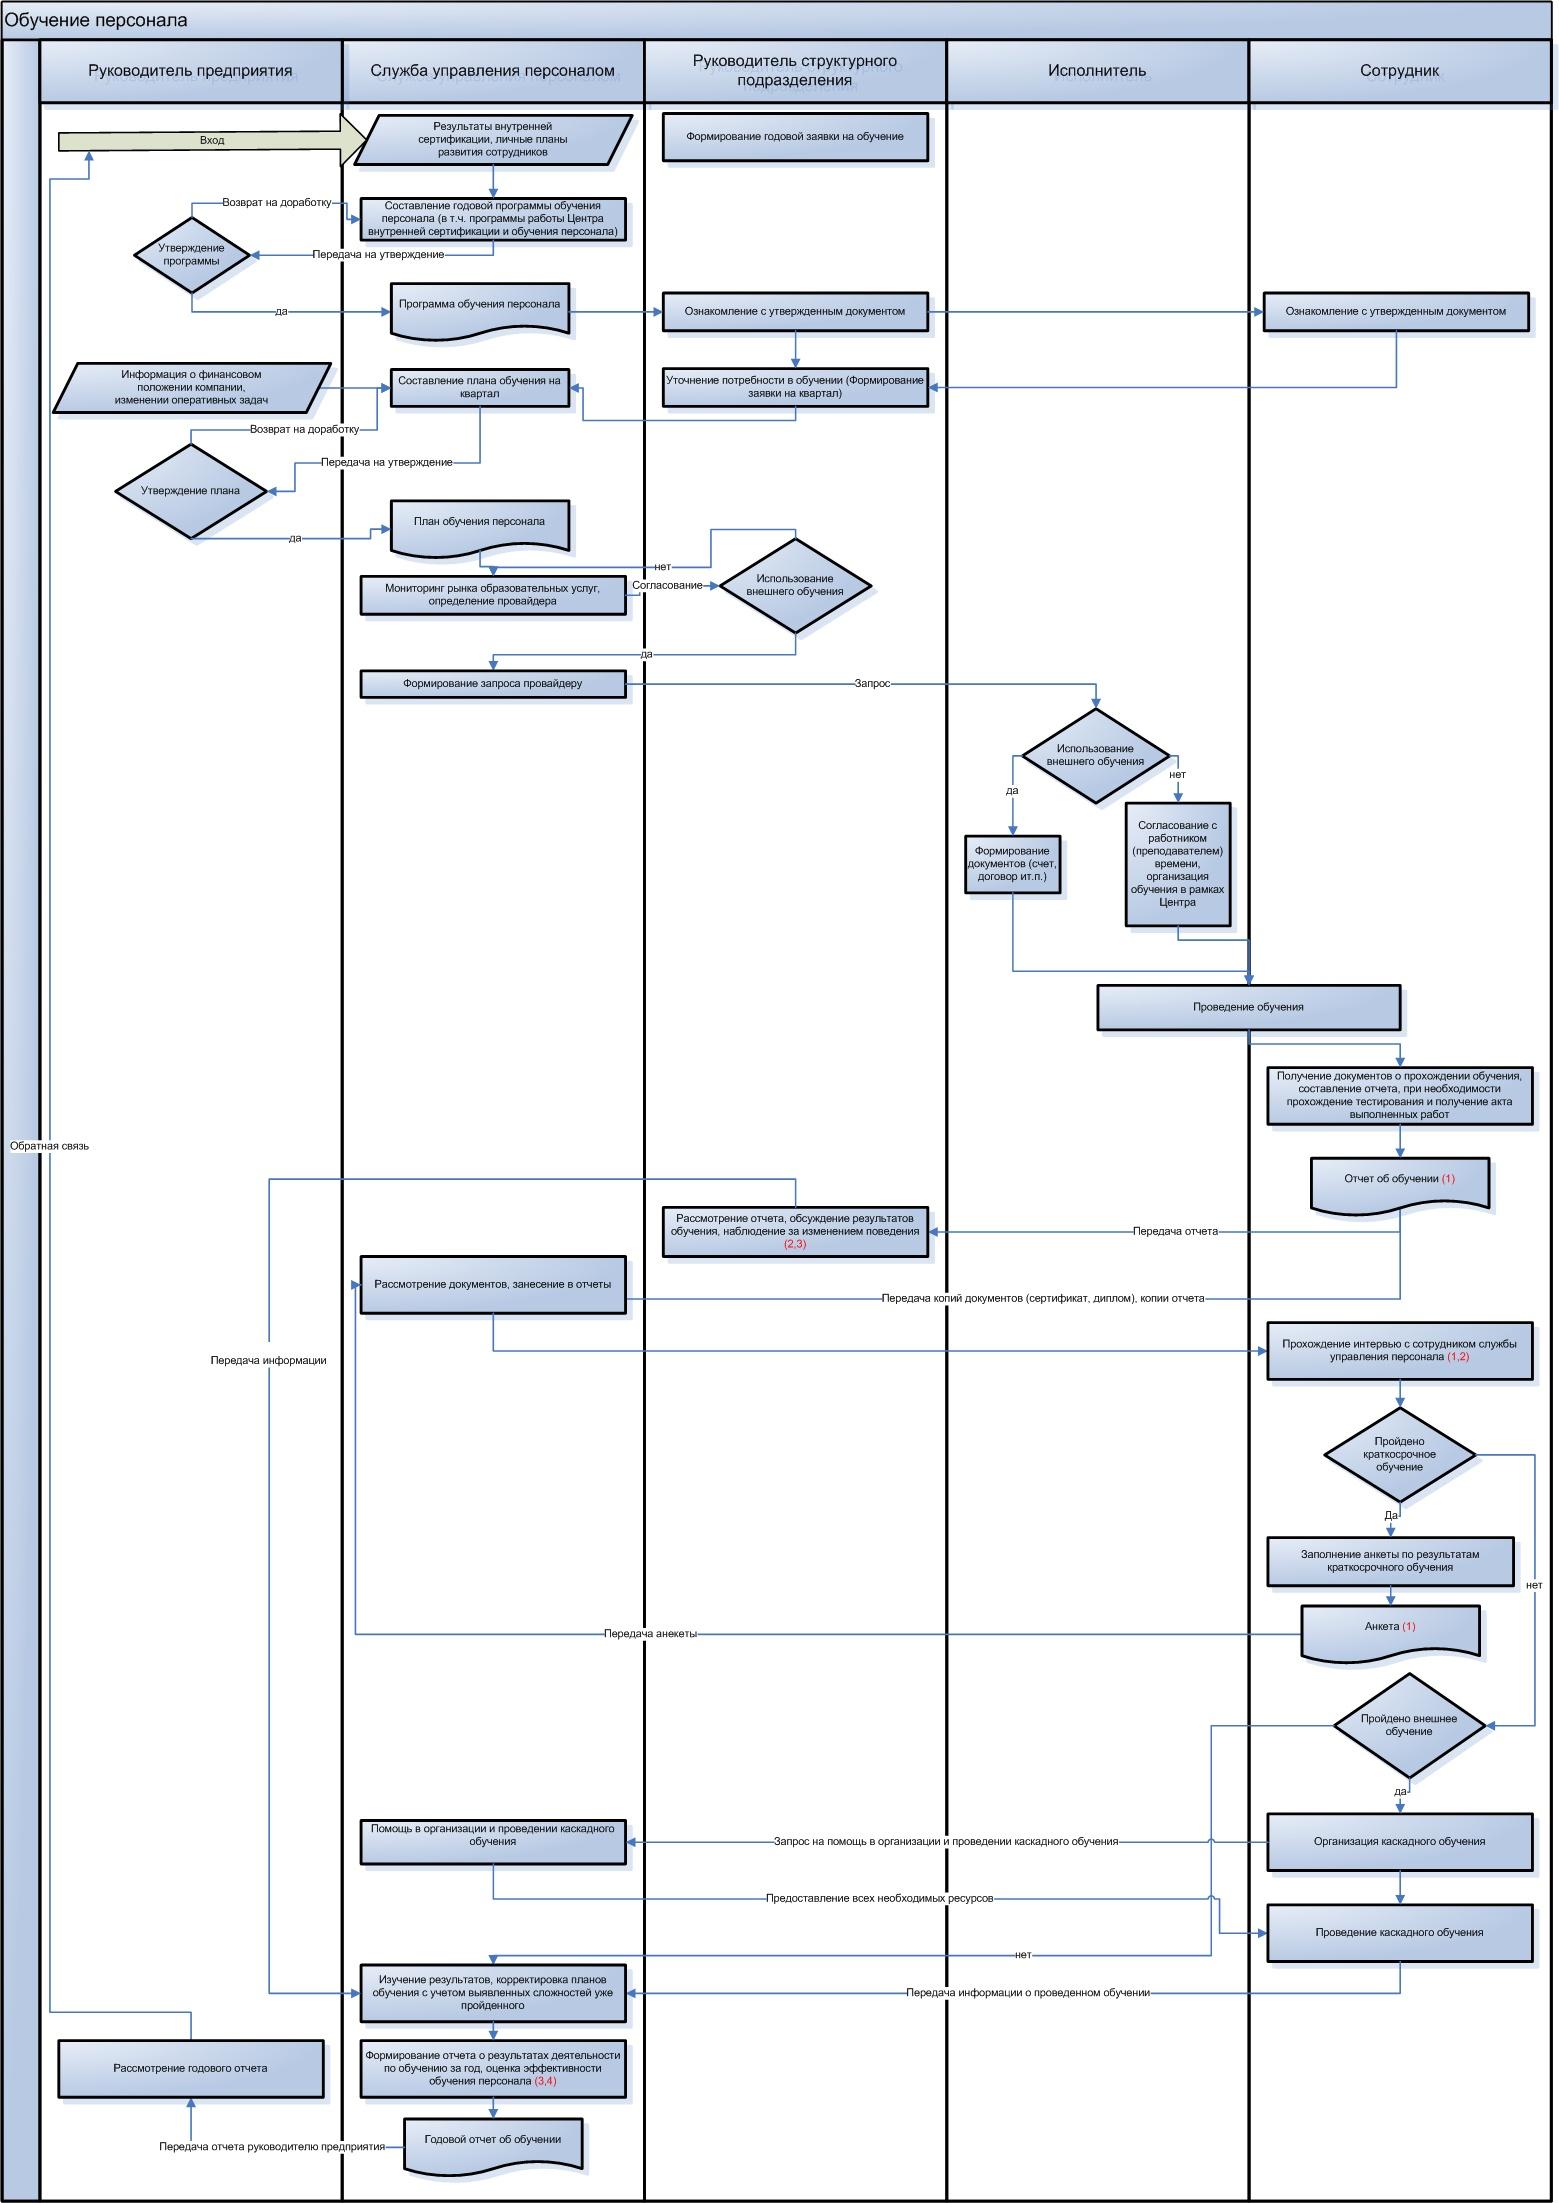 Бизнес план по обучению персонала бизнес план строительства забора